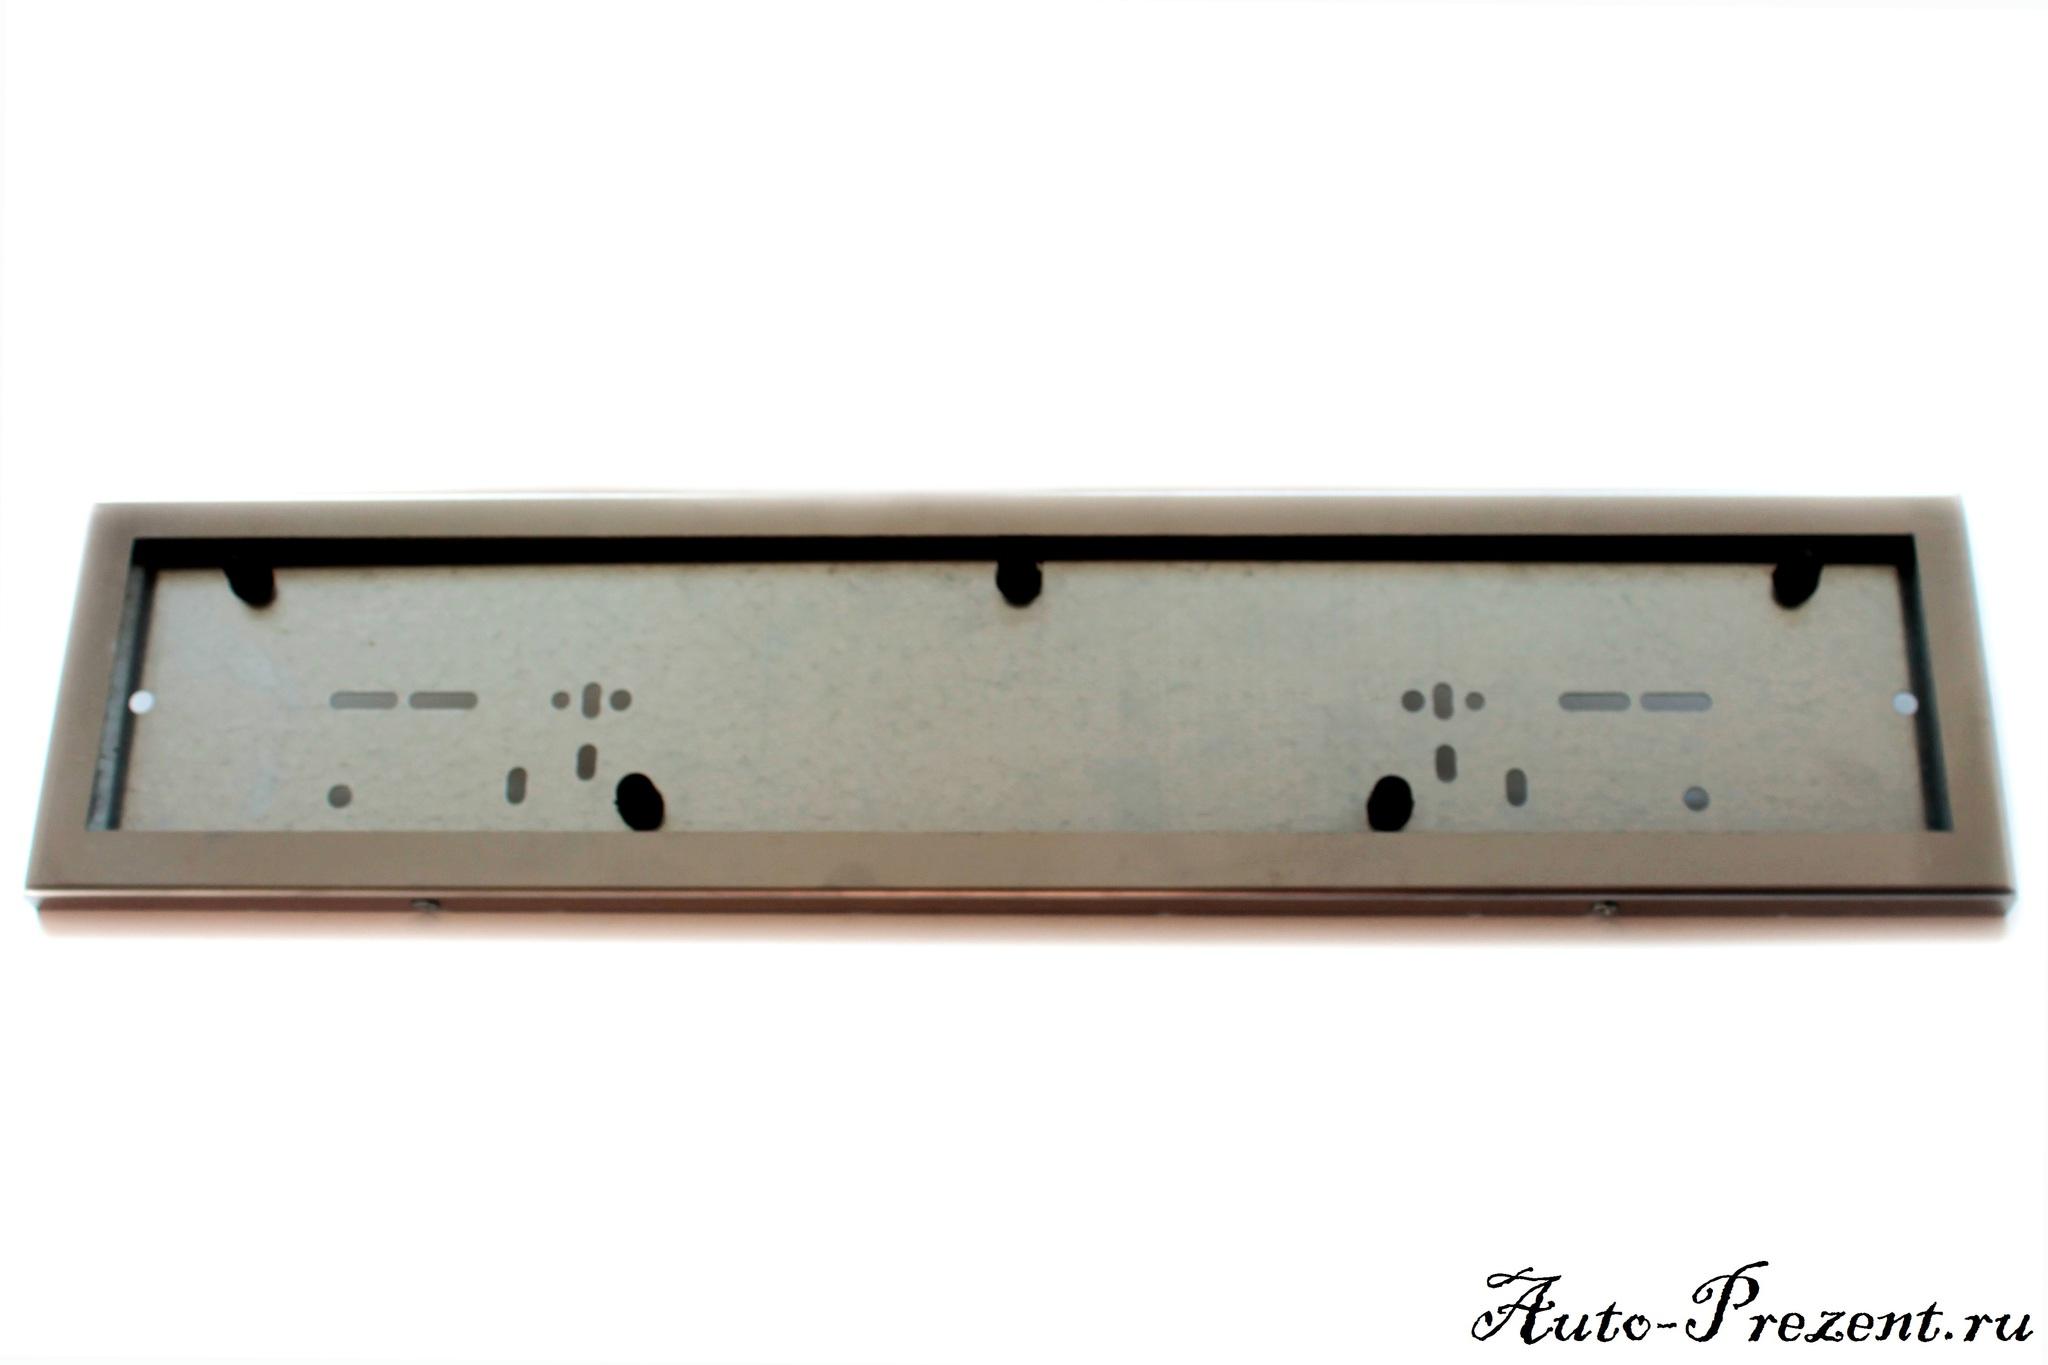 Рамки под номерной знак из нержавеющей стали (2 шт.)